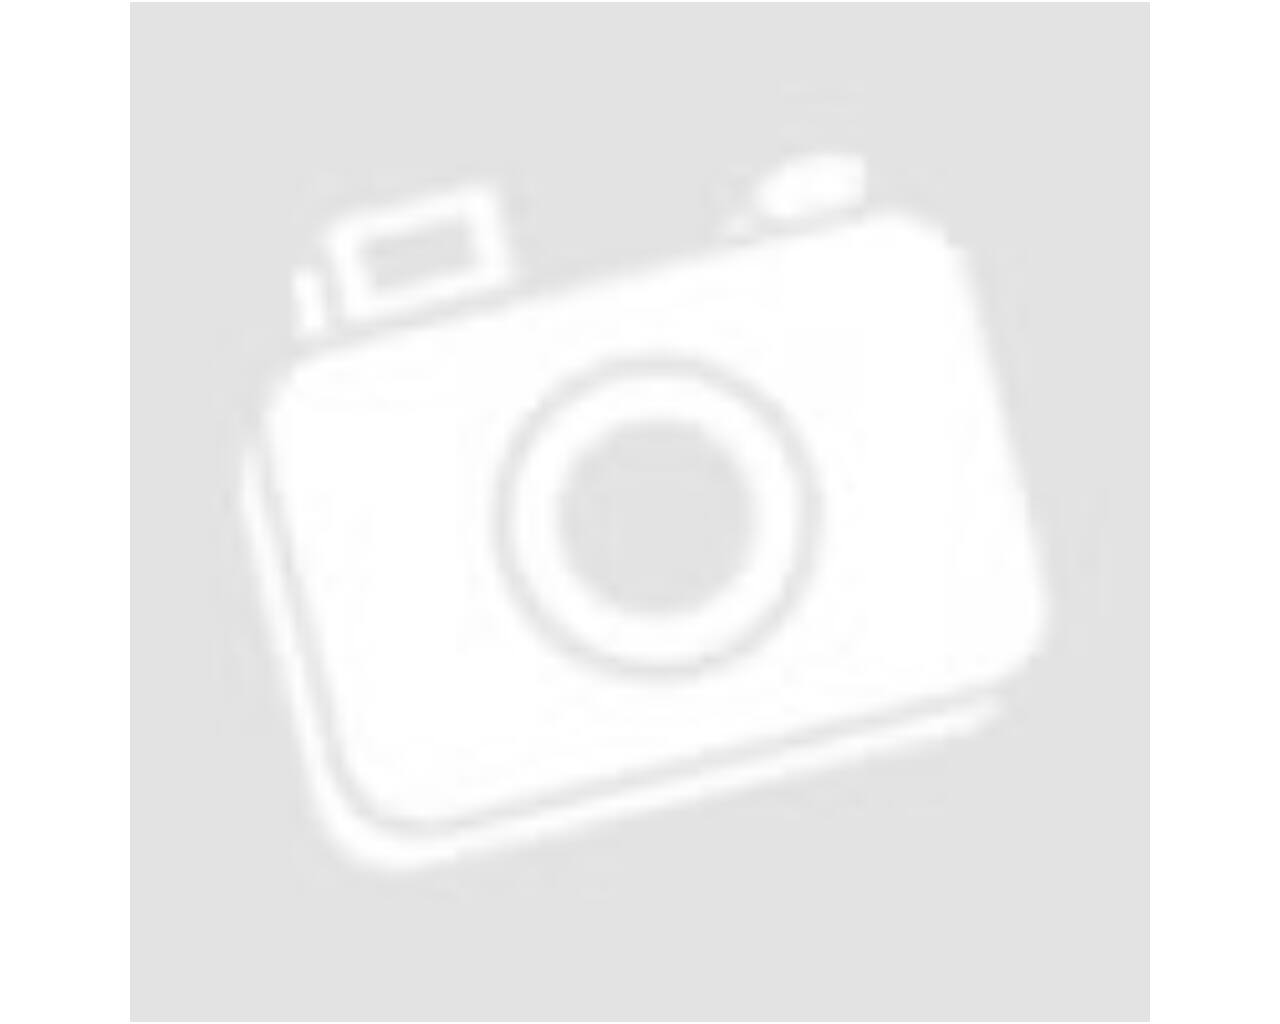 Füstcső, zománcozott lemez, 120 x 900 mm, fekete